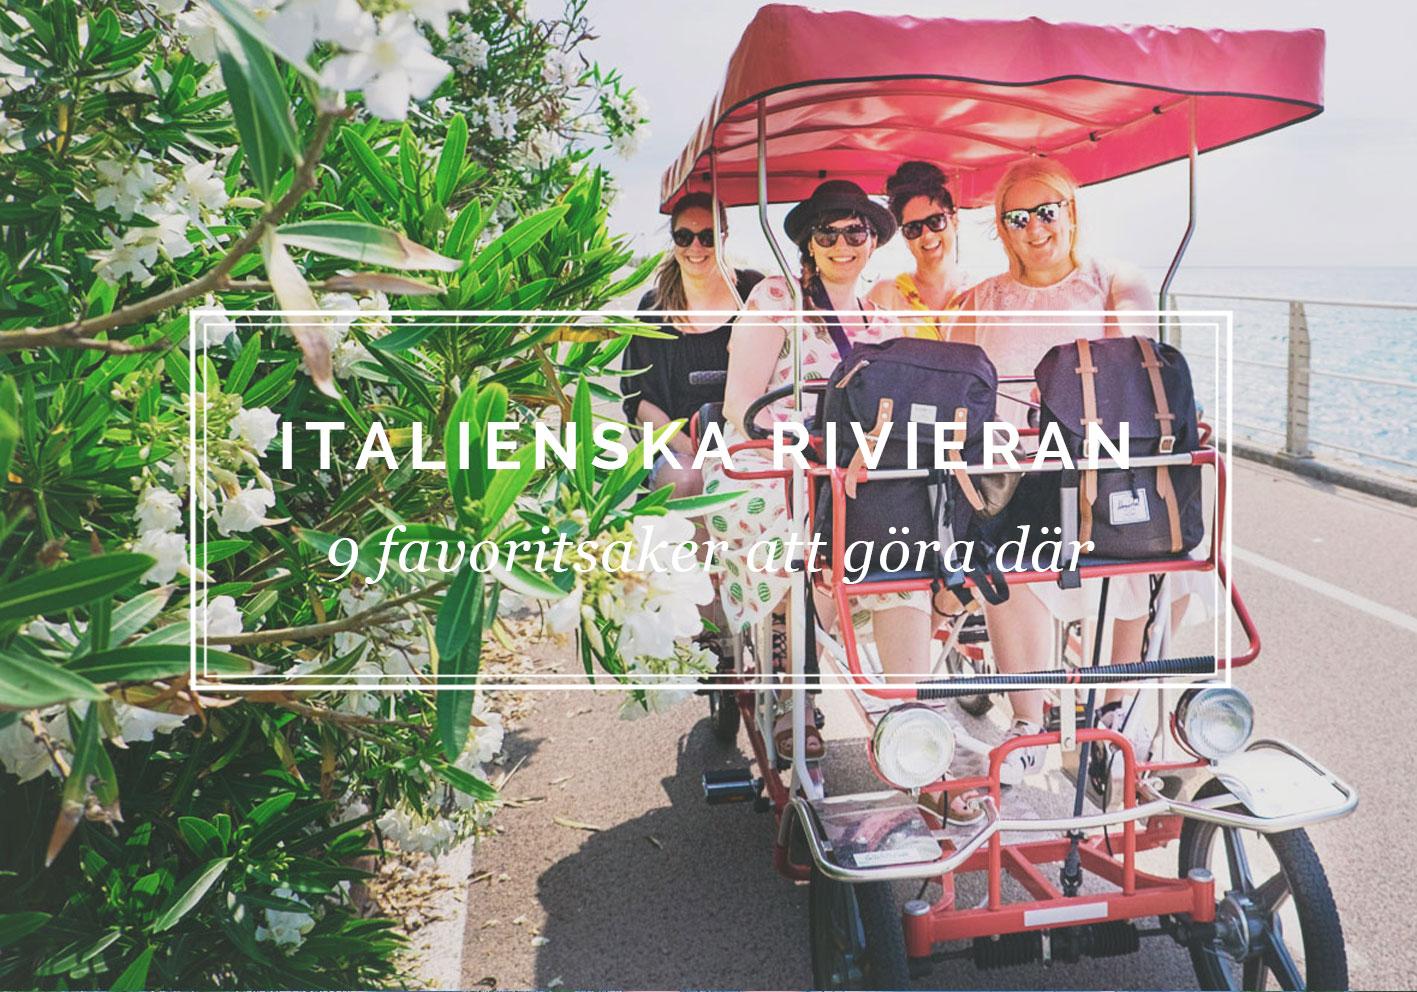 9 saker att göra på Italienska rivieran